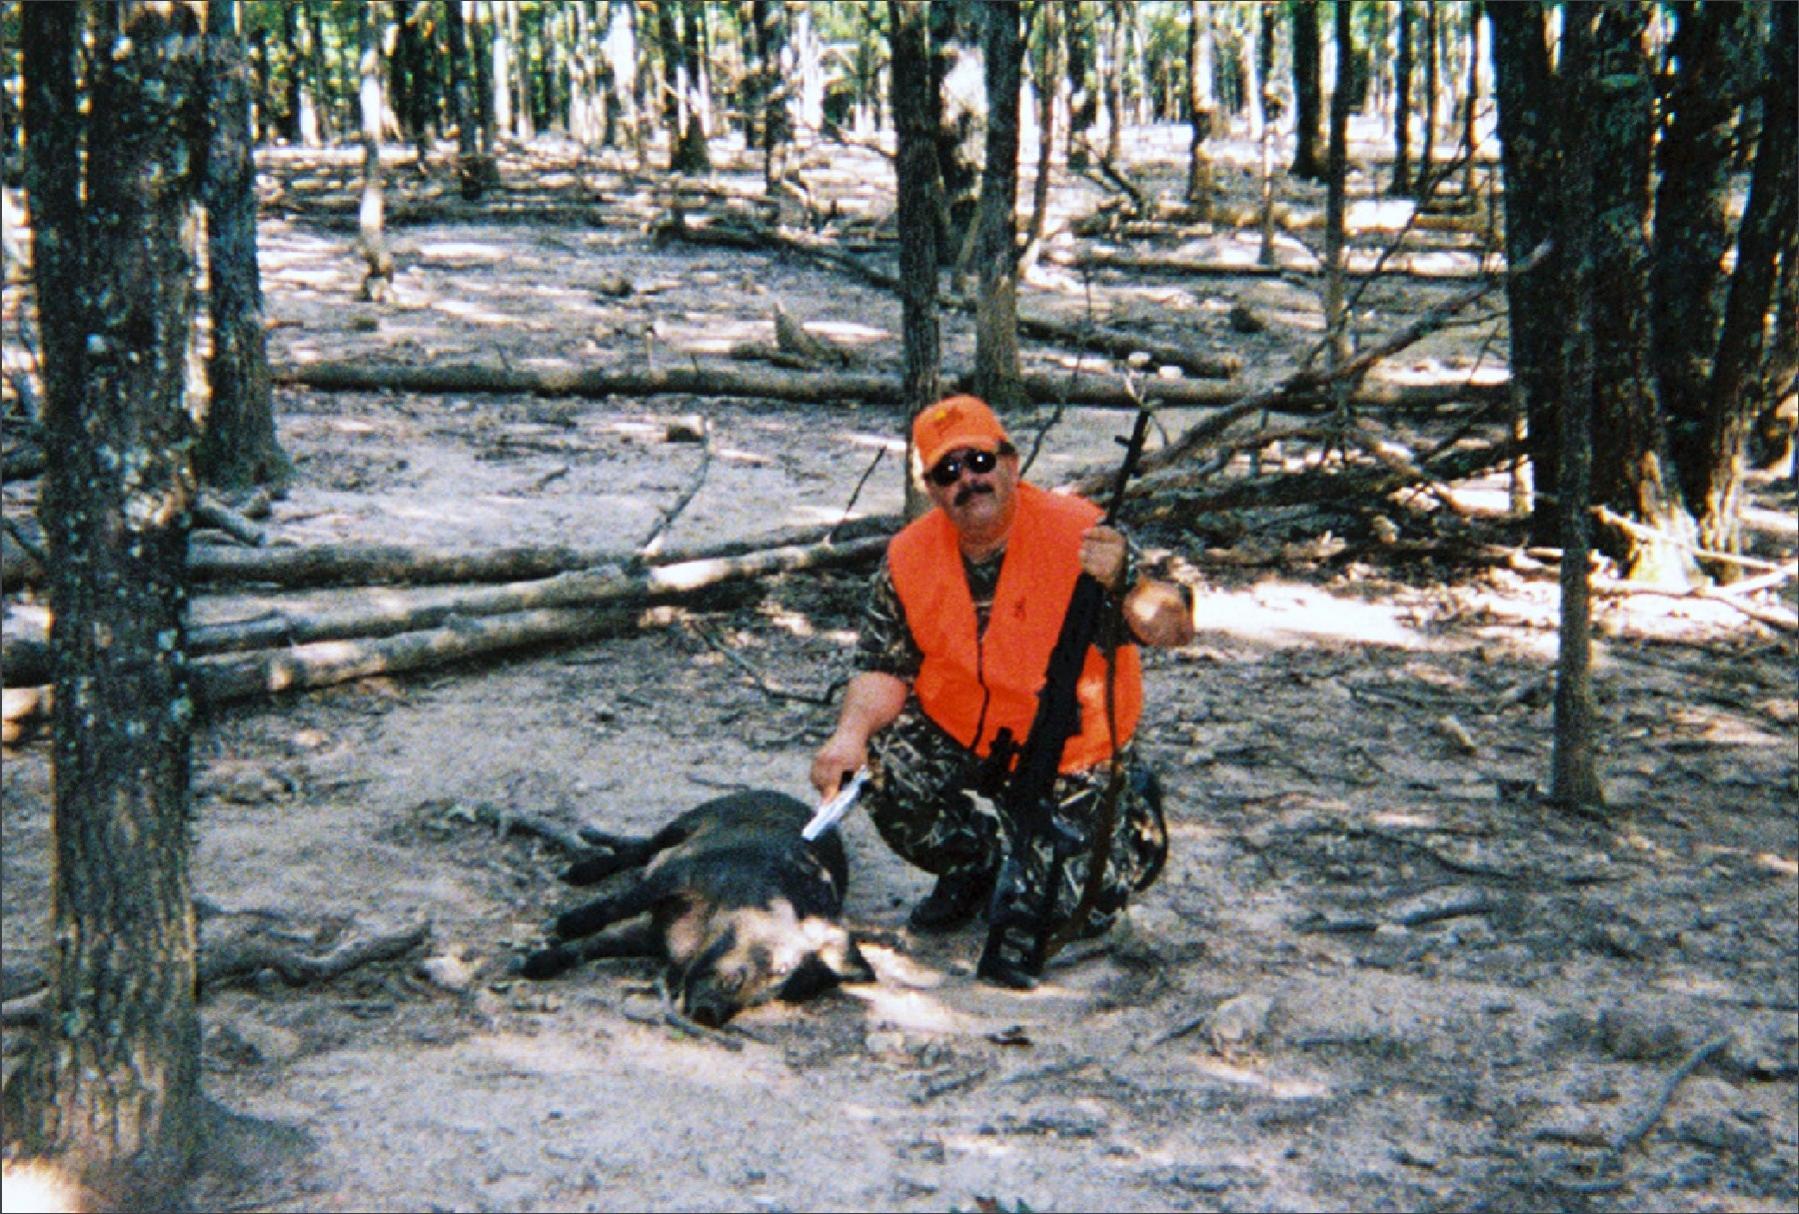 .45 ACP vs wild boar-pic4.jpg